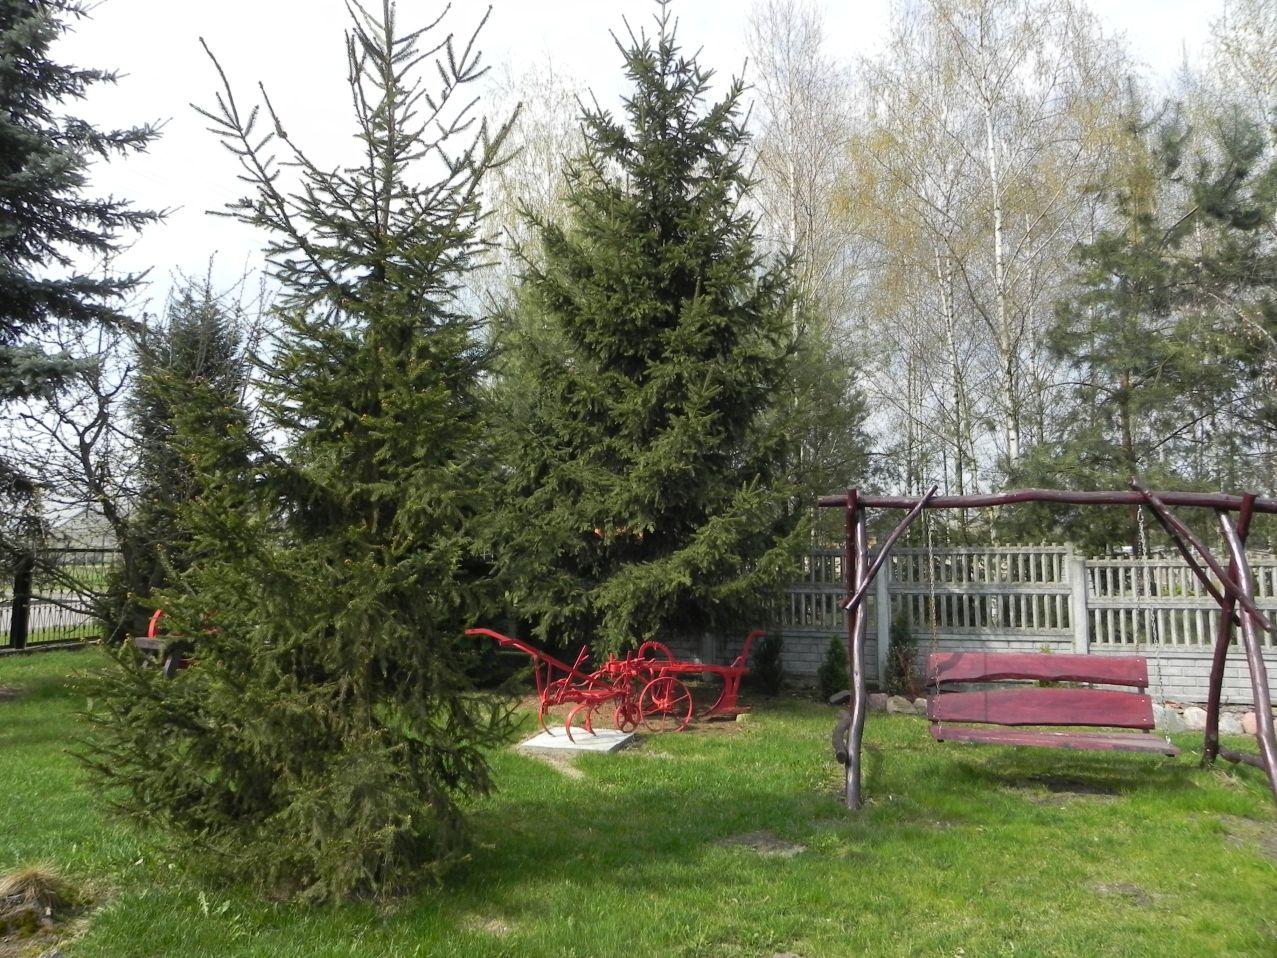 Galeria zdjęć Sochowej Zagrody - podwórko i przyroda (10)